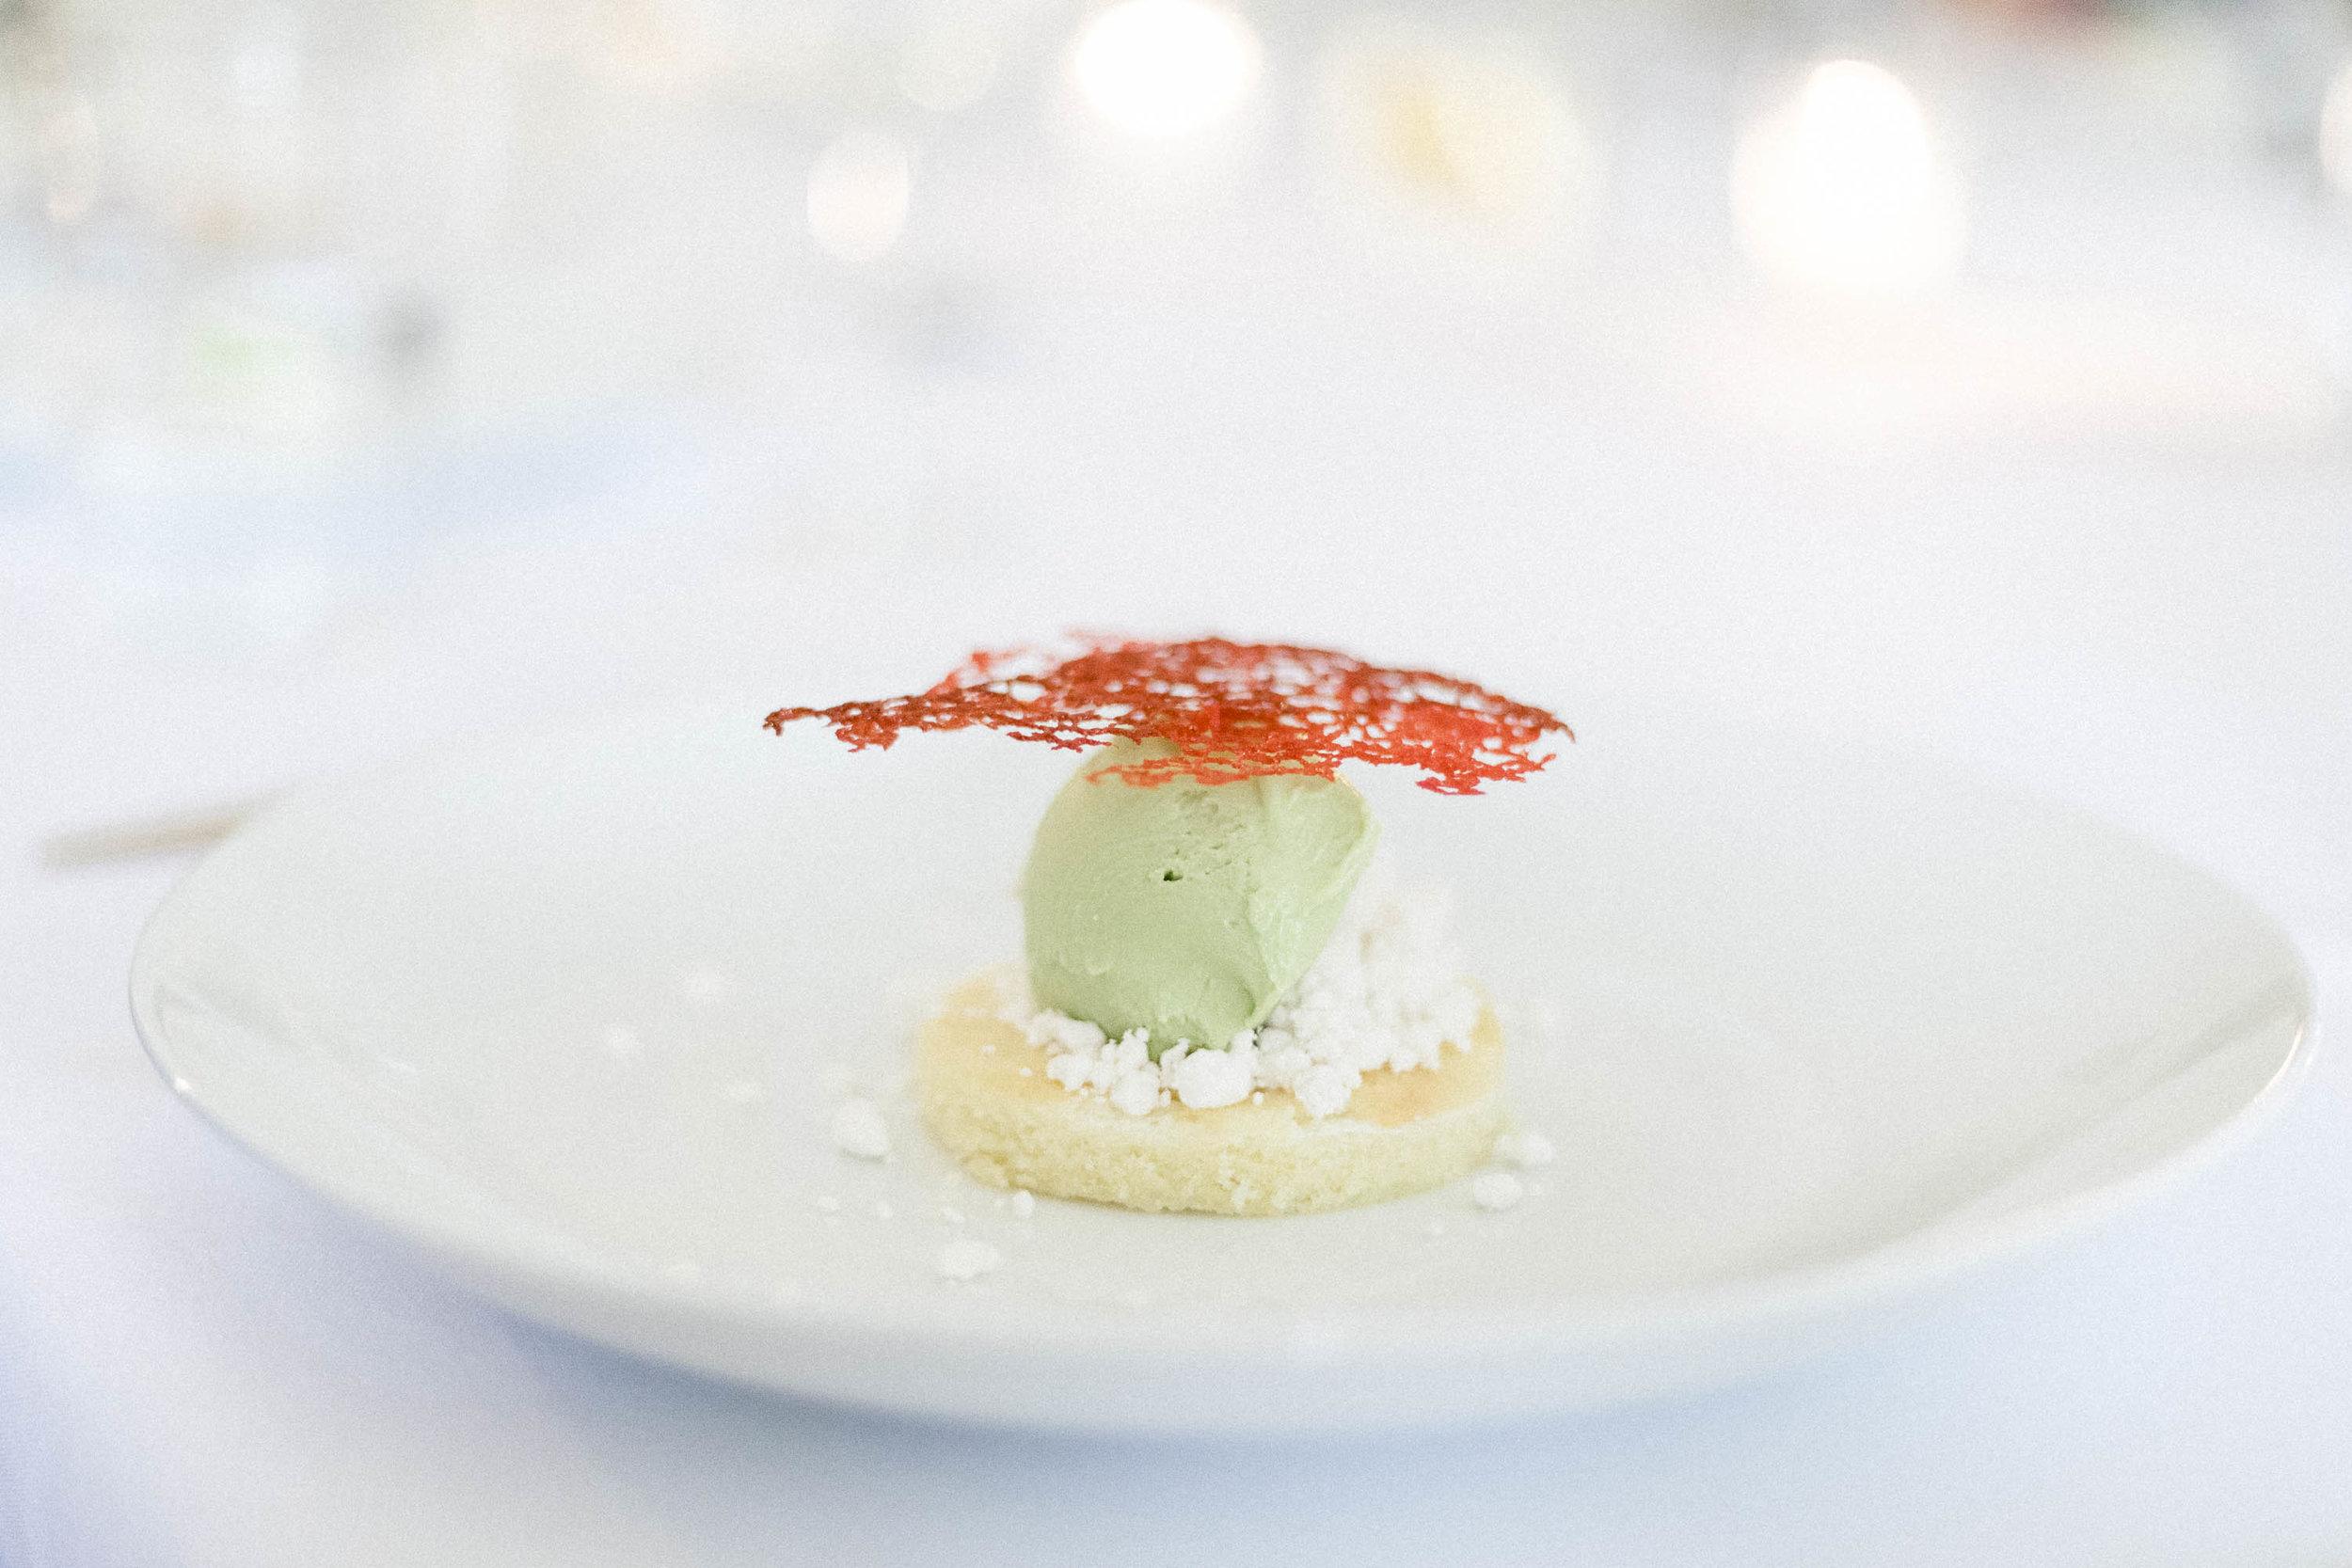 Taste Series: Sweet - 6.1.19 / 6.2.19